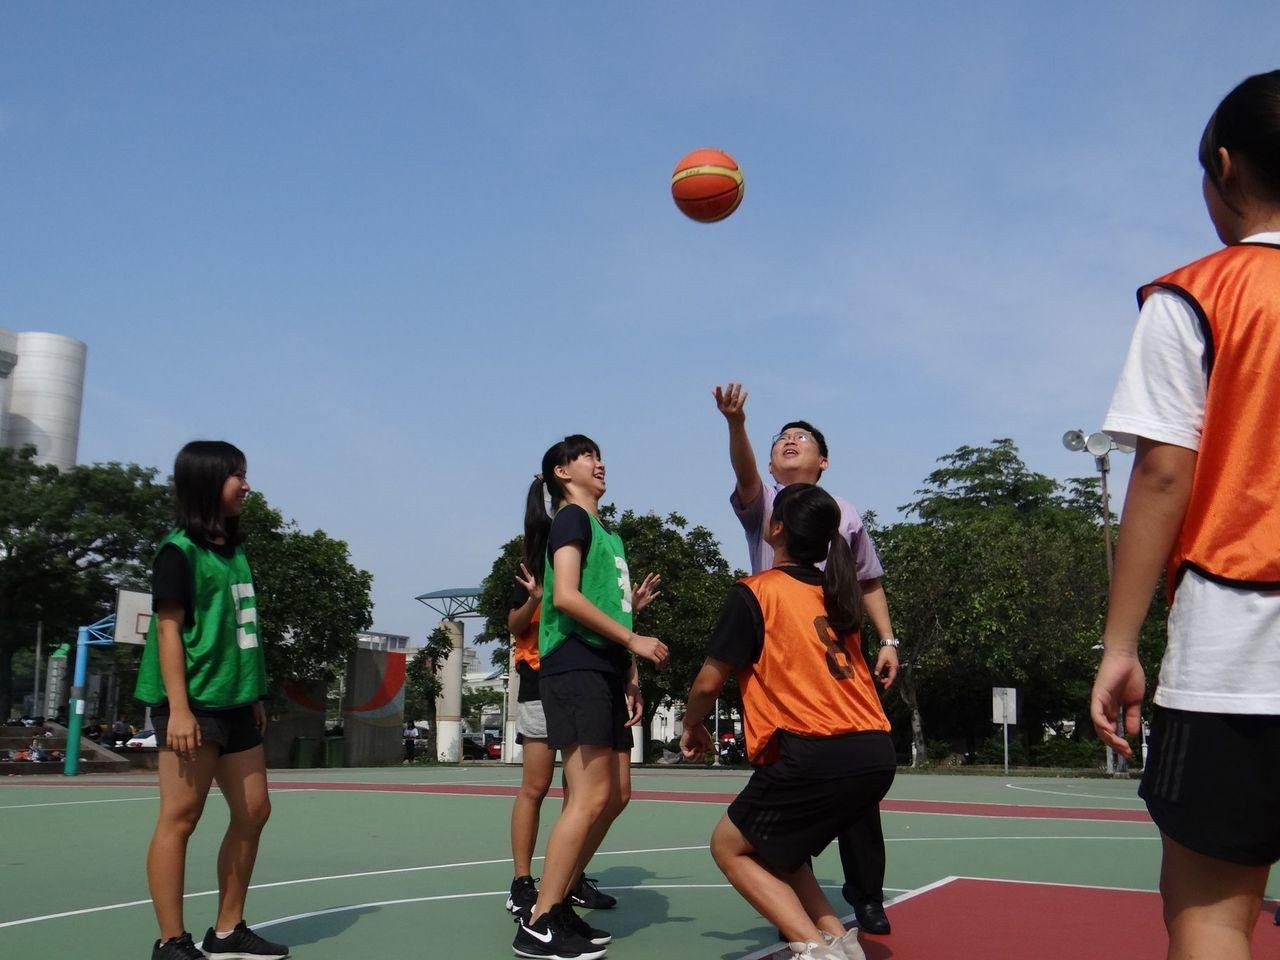 青少年暑期參加3對3籃球賽,展現青春活力。記者黃宣翰/翻攝